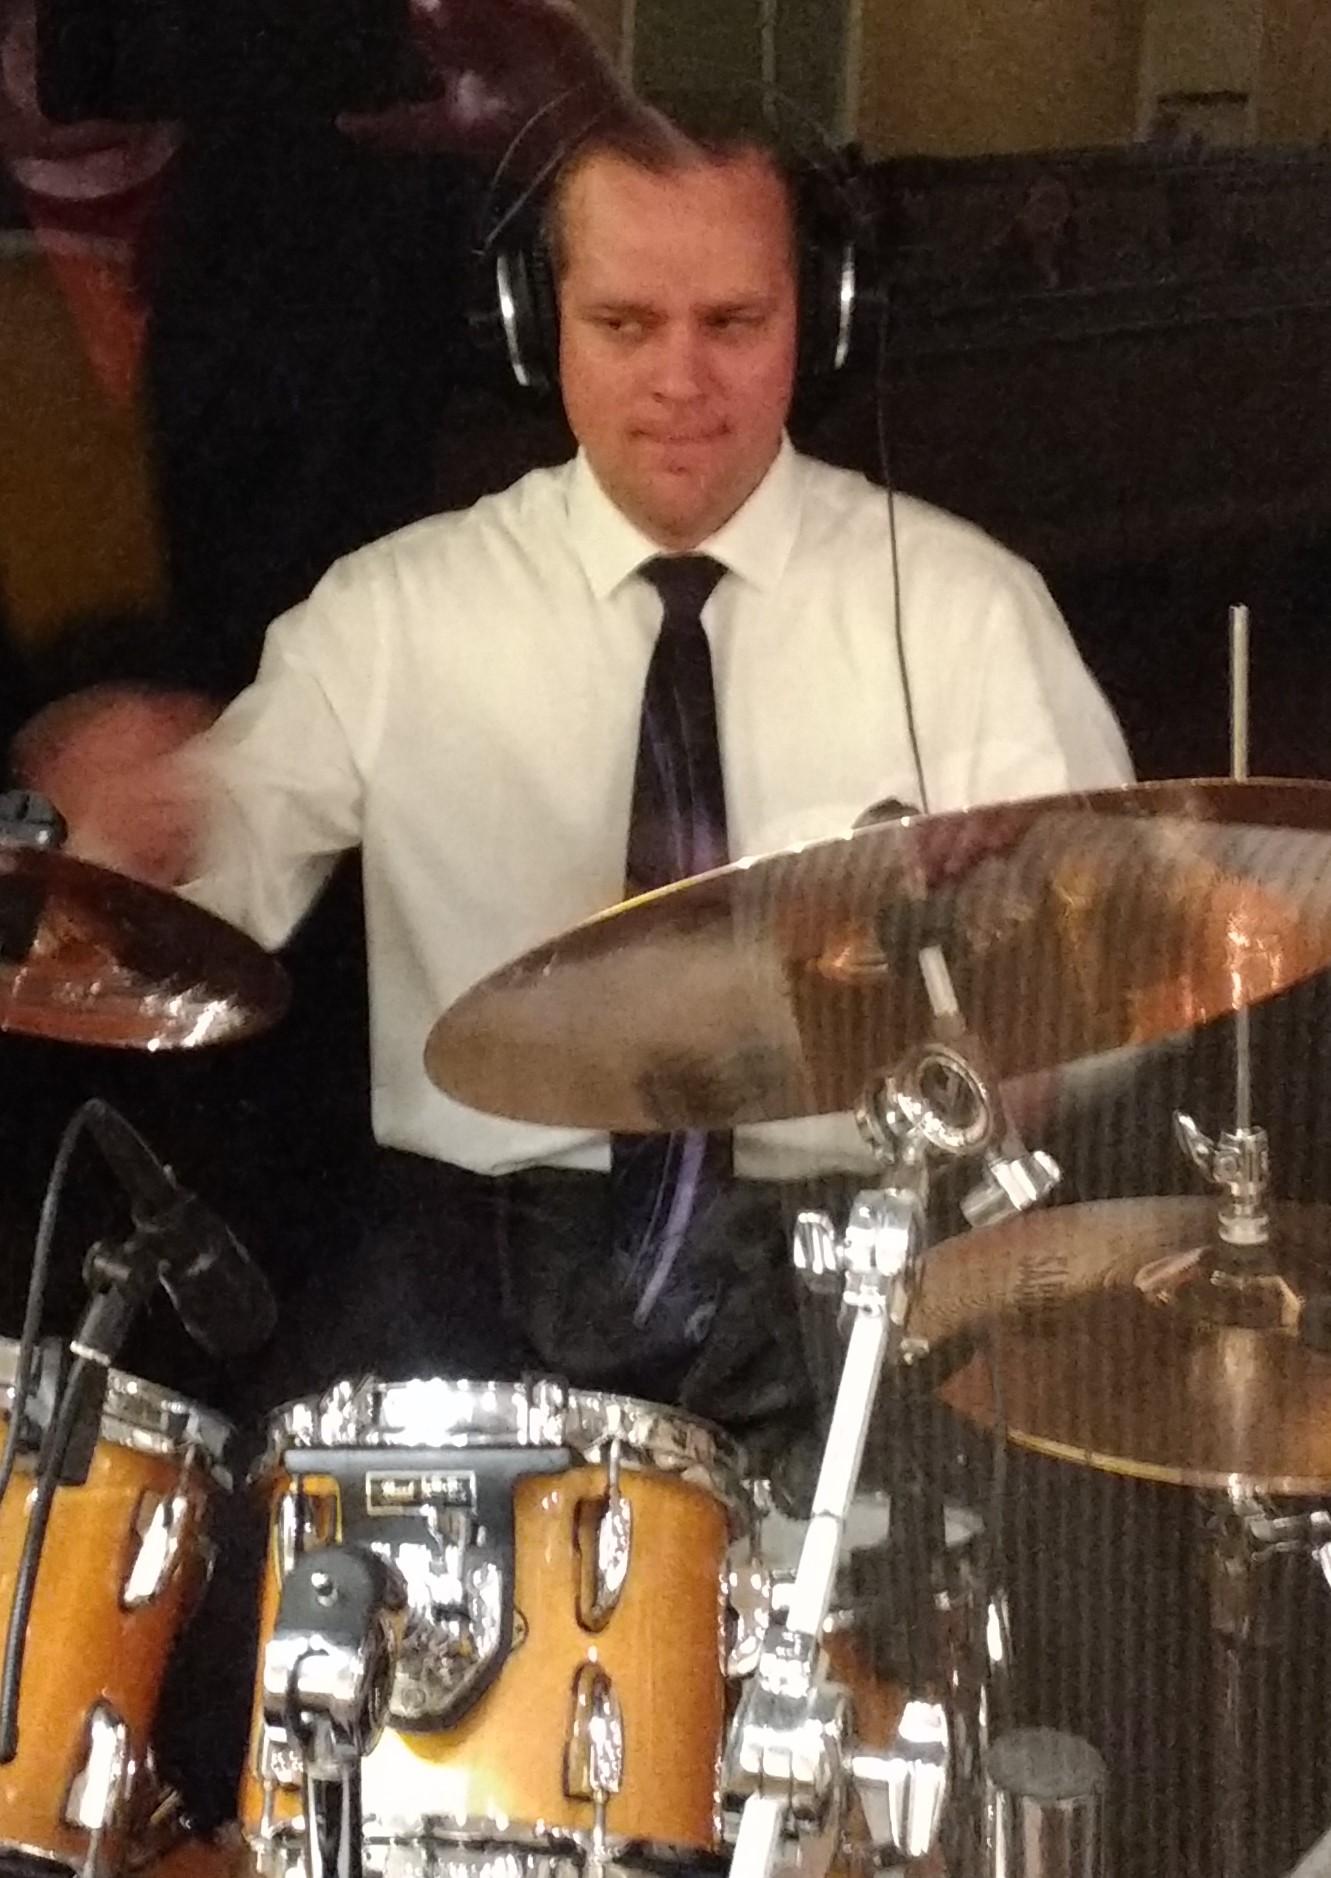 Drummer - Matthew Peterson